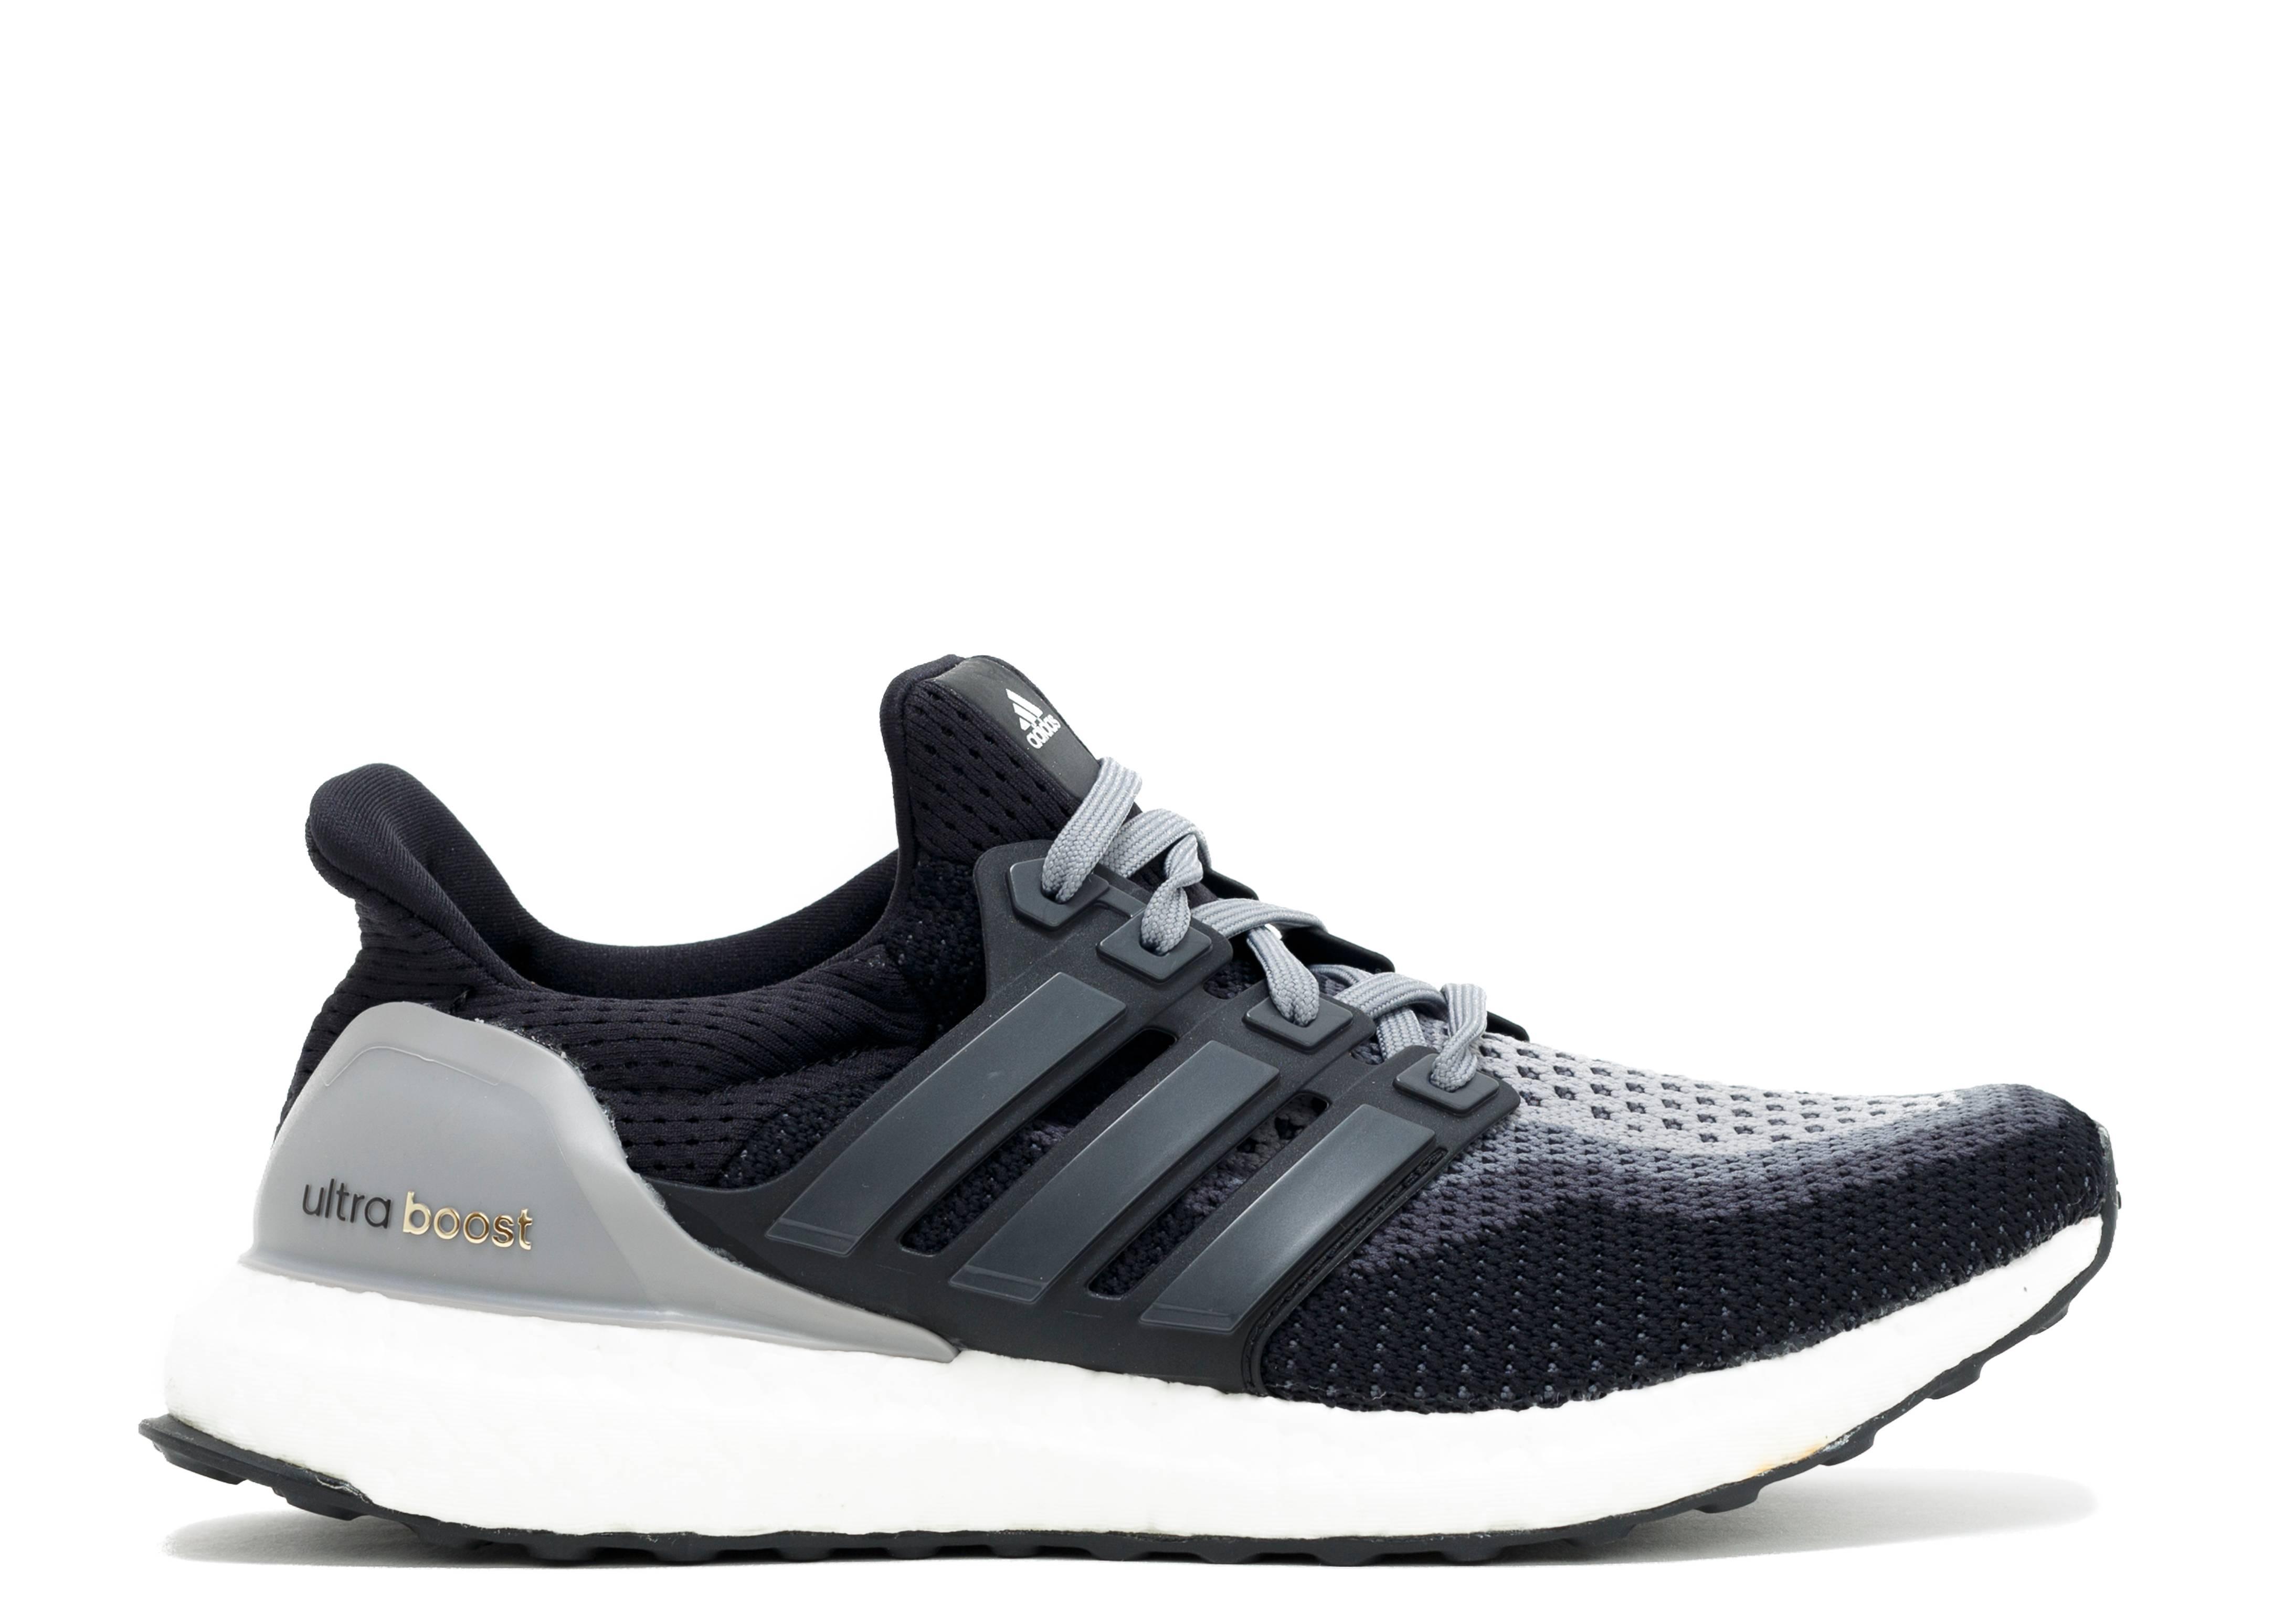 db242b15fac Ultra Boost W - Adidas - af5141 - core black  black grey